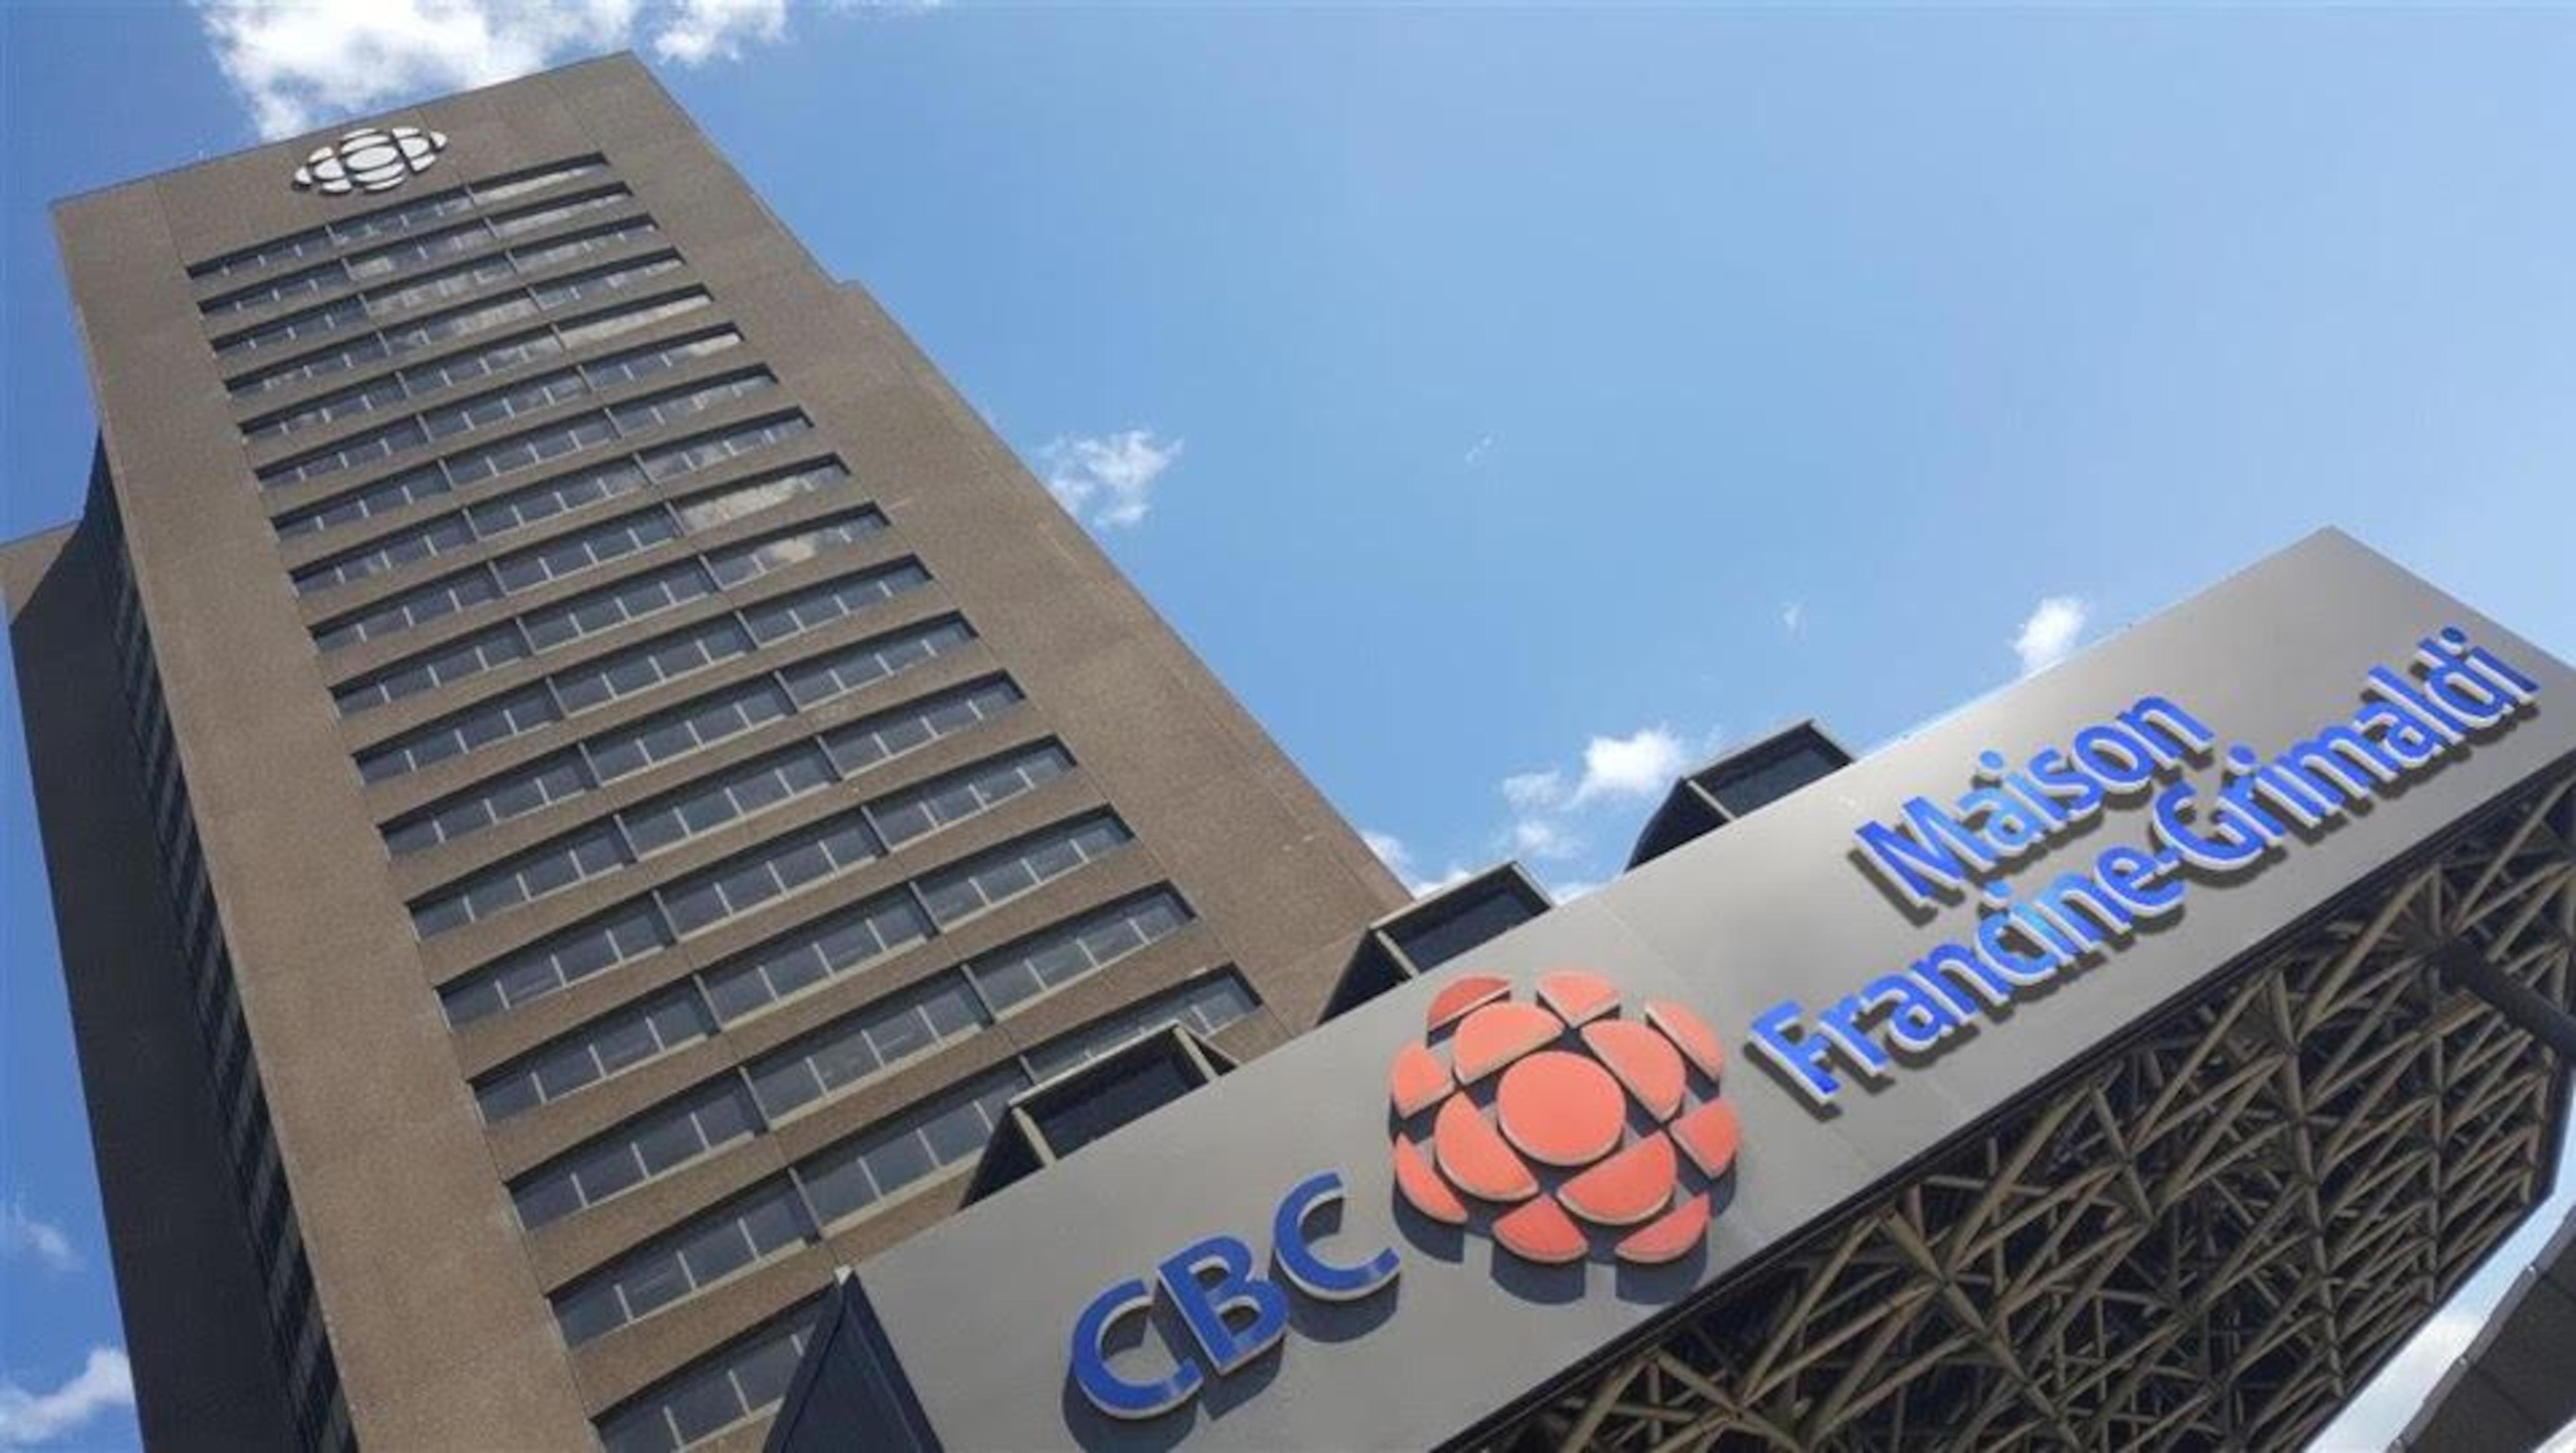 La tour de Radio-Canada à Montréal portant une enseigne CBC Maison Francine-Grimaldi